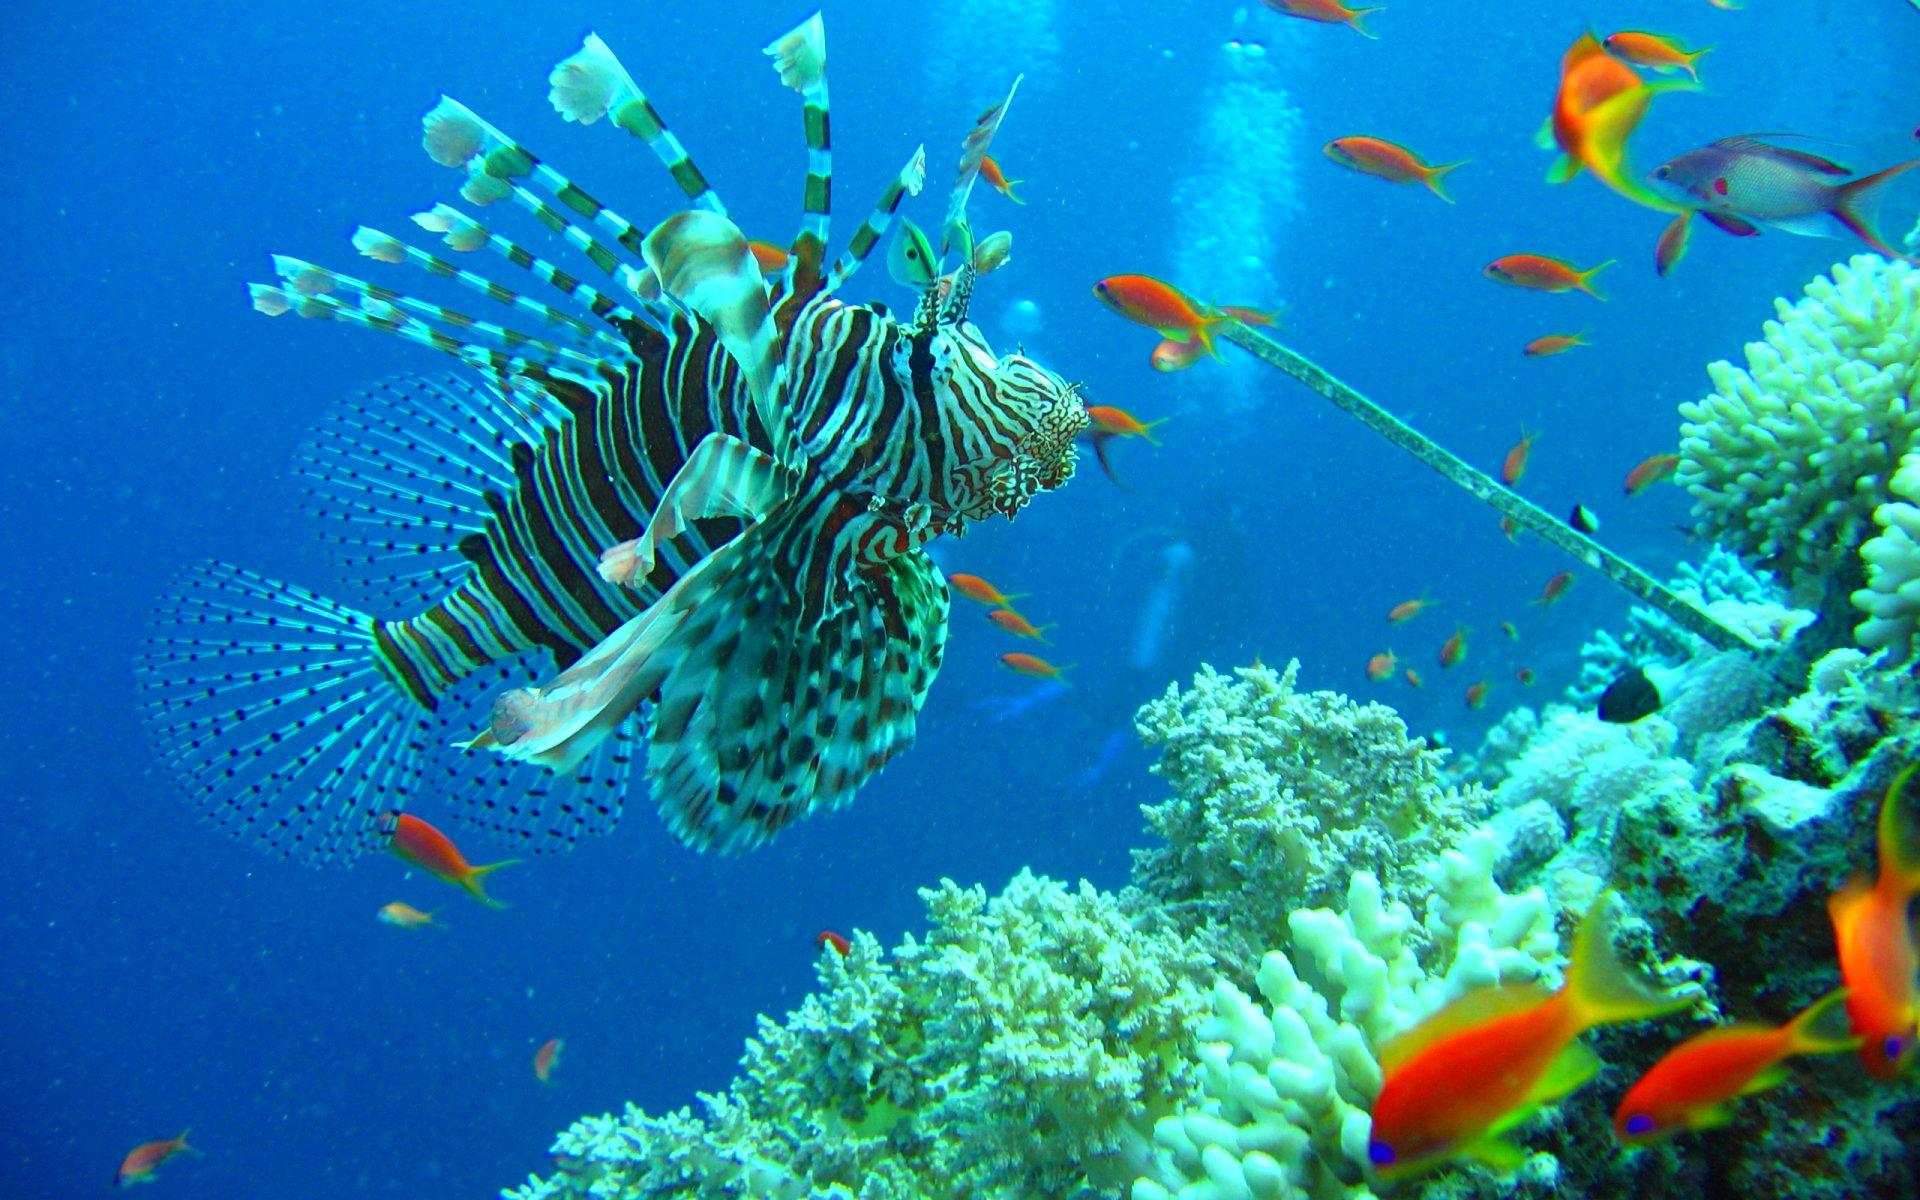 печальные последствия фото новые подводного мира настоятельно рекомендуют немного